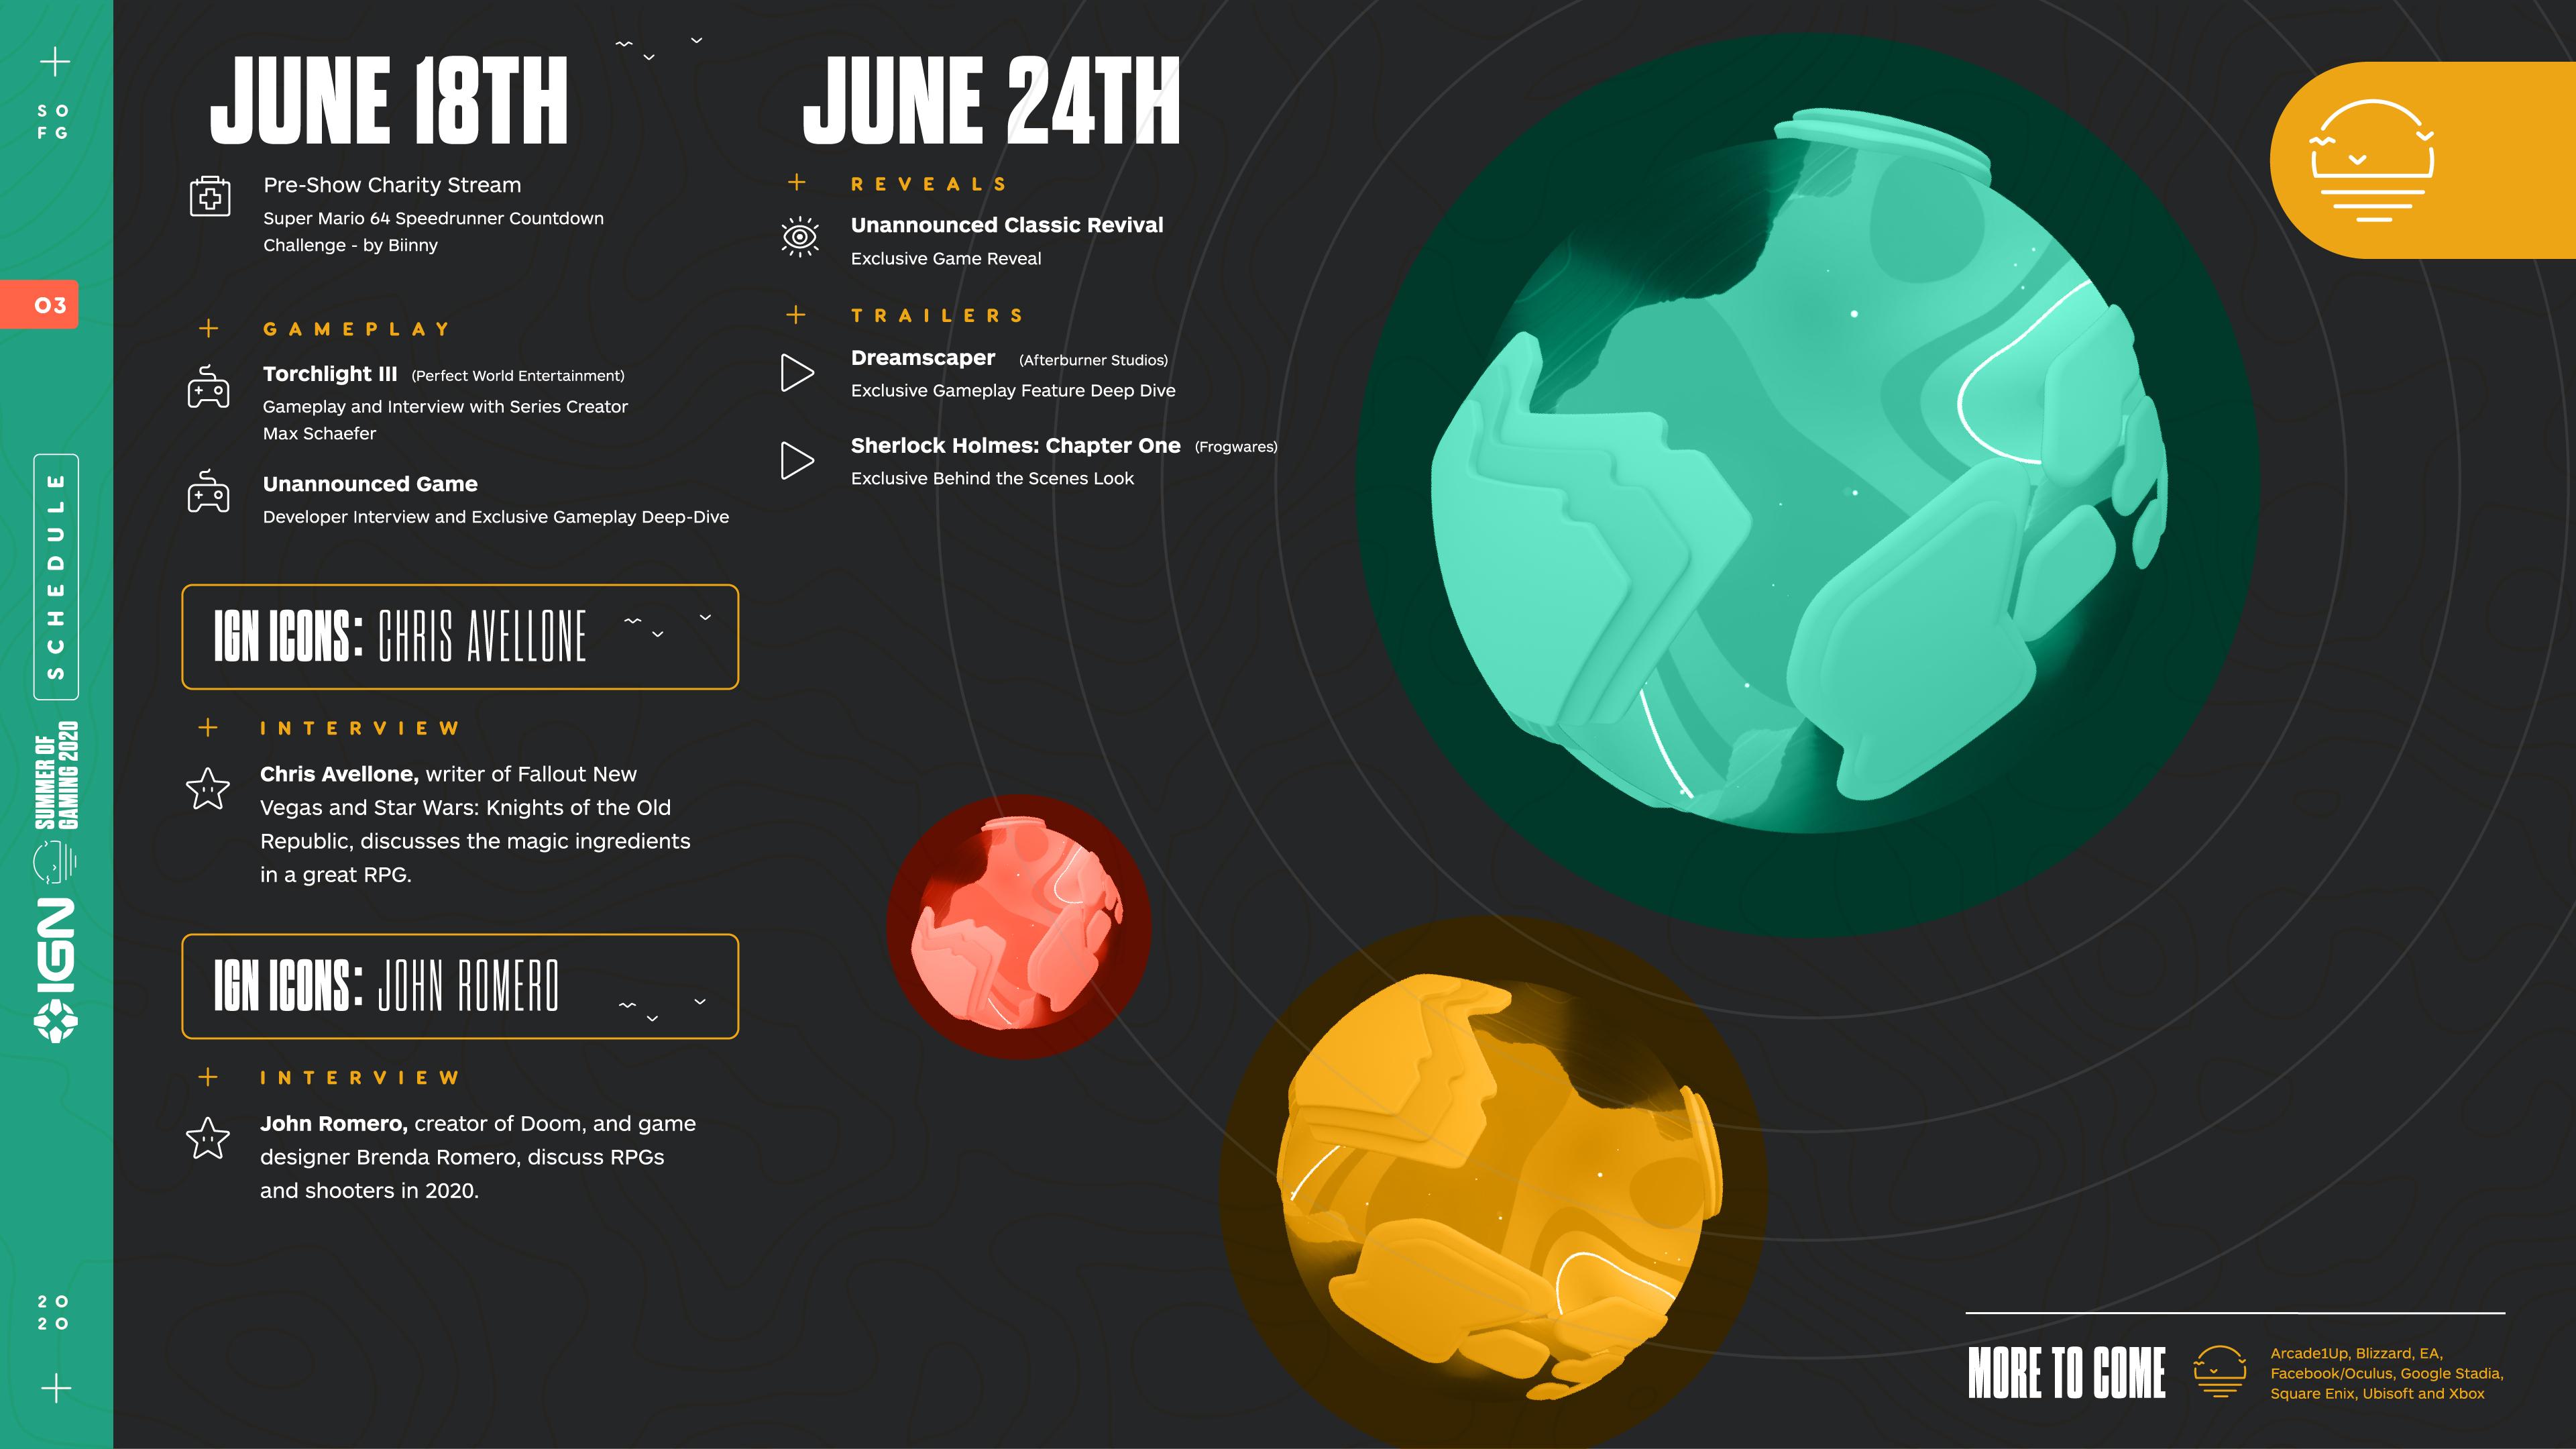 Полное расписание Summer of Gaming от IGN